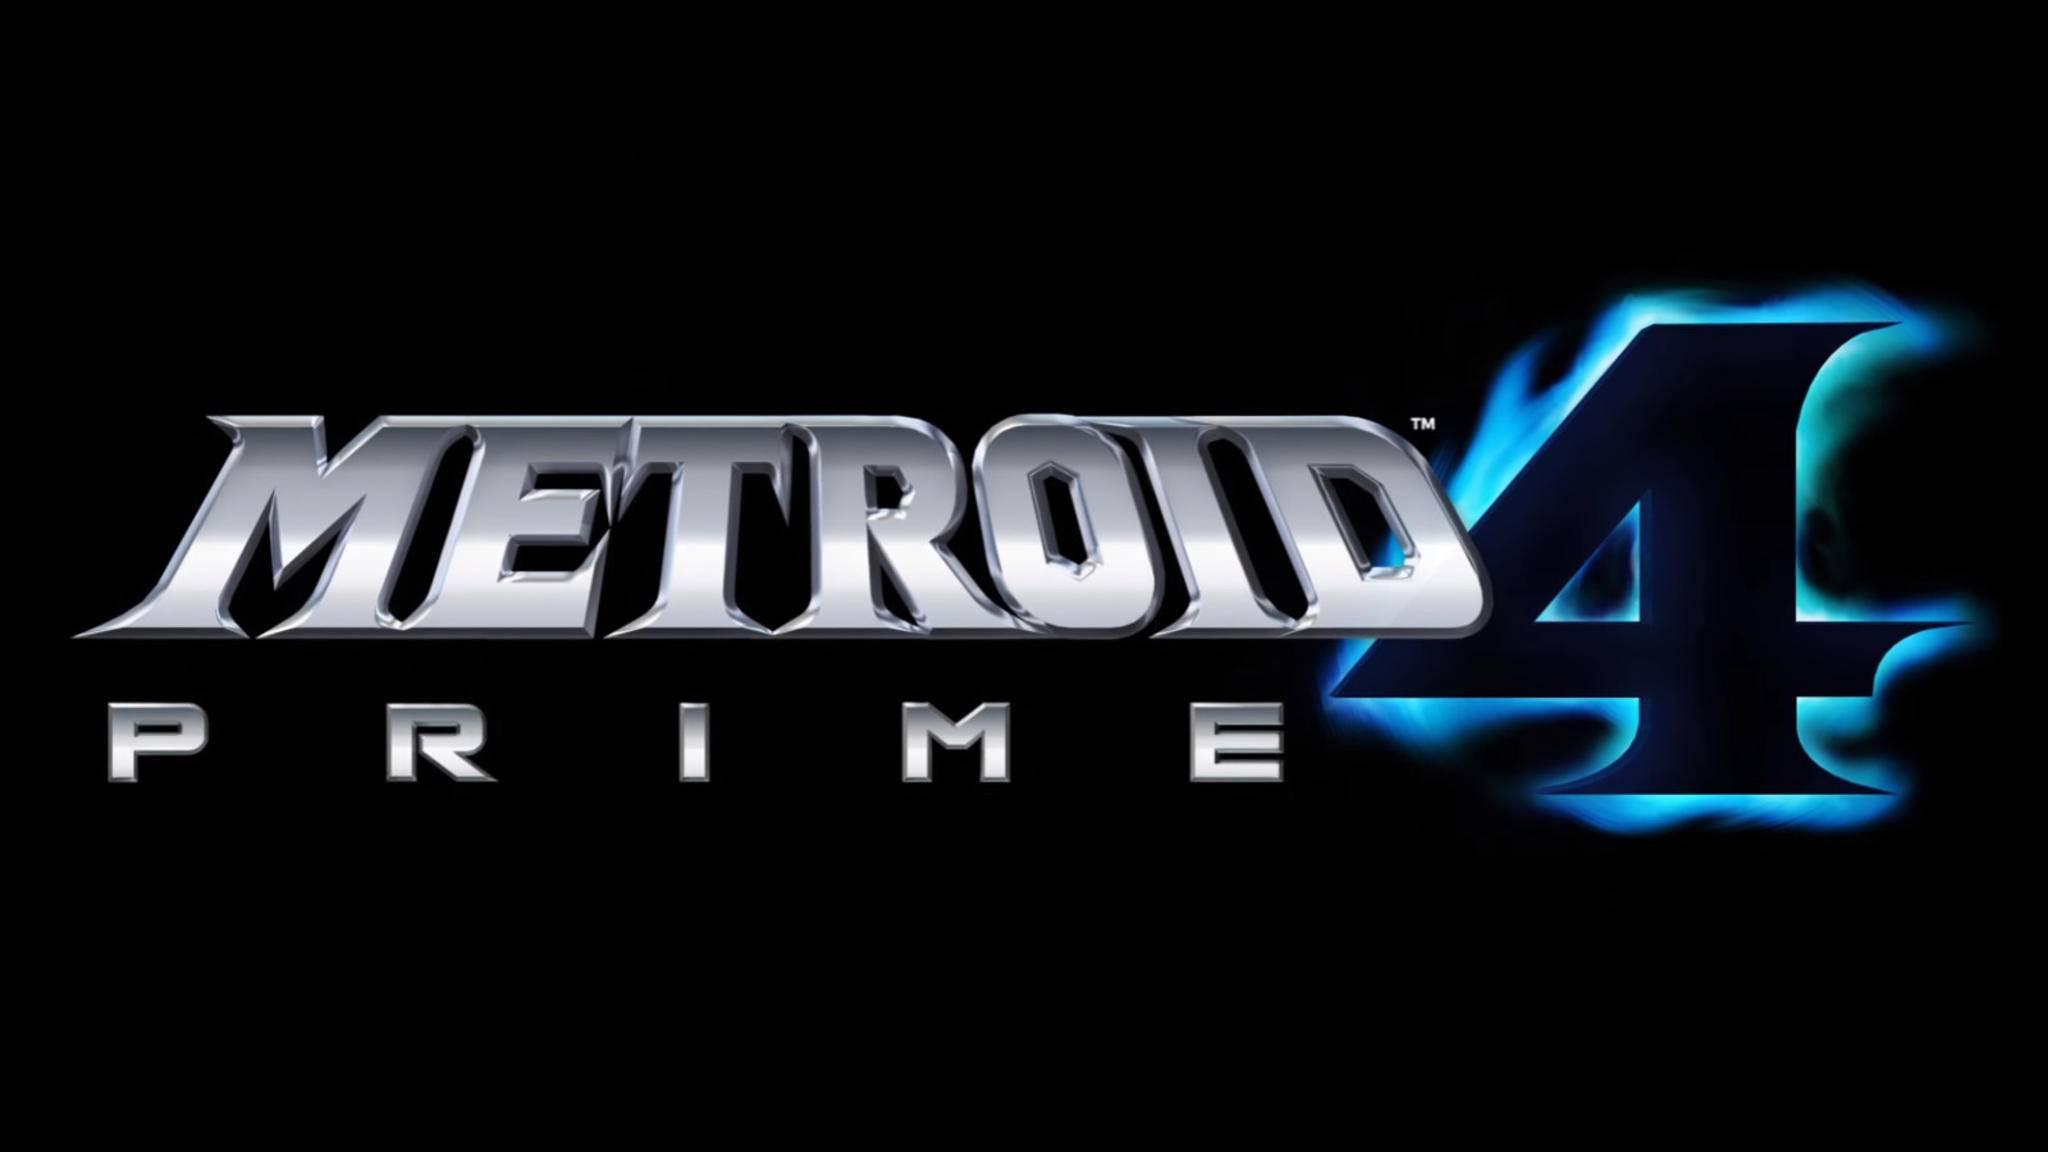 """Im Bild: alle bislang veröffentlichten Informationen zu """"Metroid Prime 4""""."""